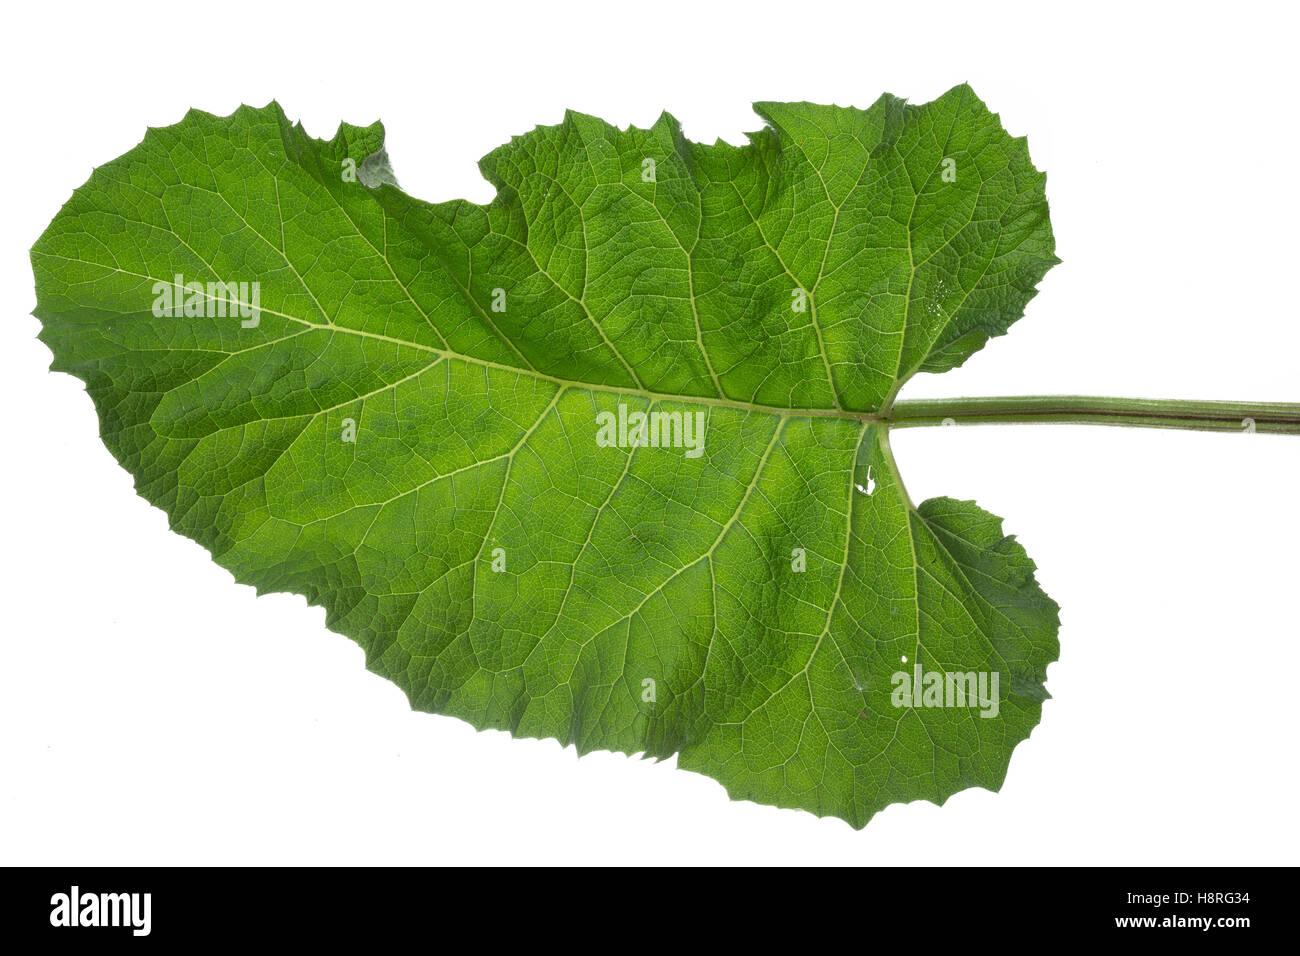 Klettenblatt, Filzige Klette, Filzklette, Wollkopf-Klette, Arctium tomentosum, woolly burdock, downy burdock, Hairy - Stock Image